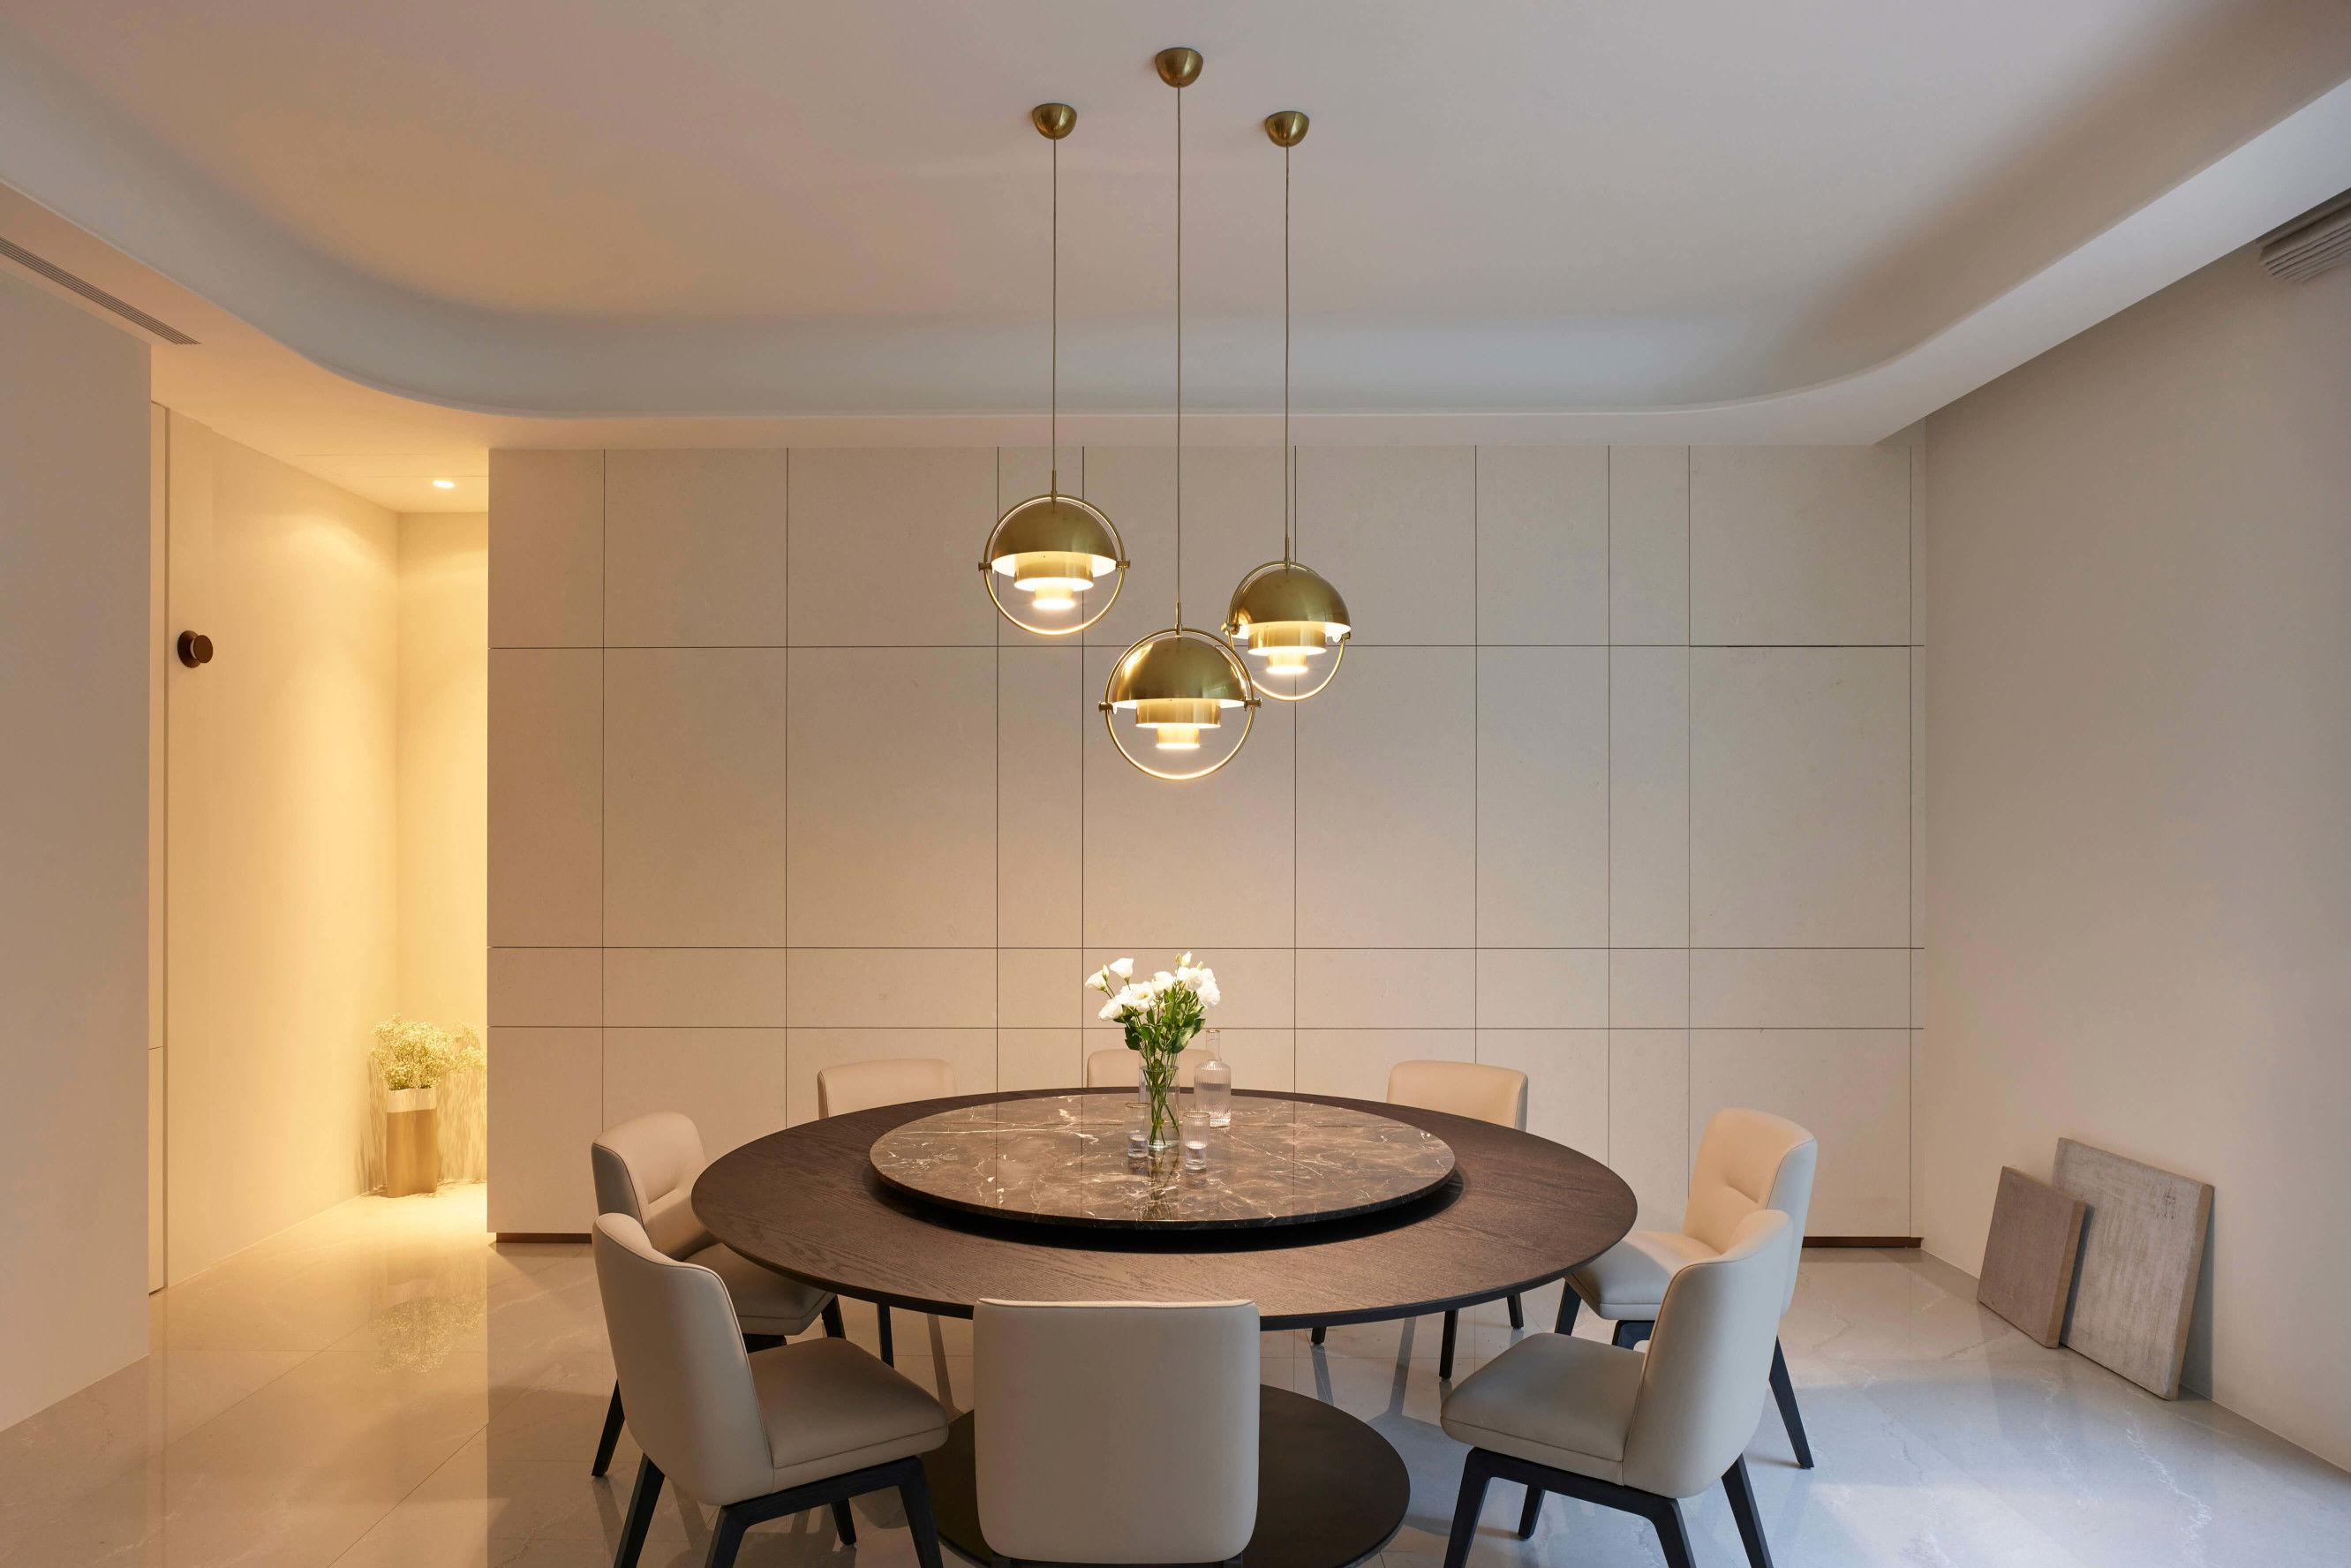 分子室內裝修設計 - 混搭約風 餐廳 室內設計推薦 室內裝潢 獨棟透天